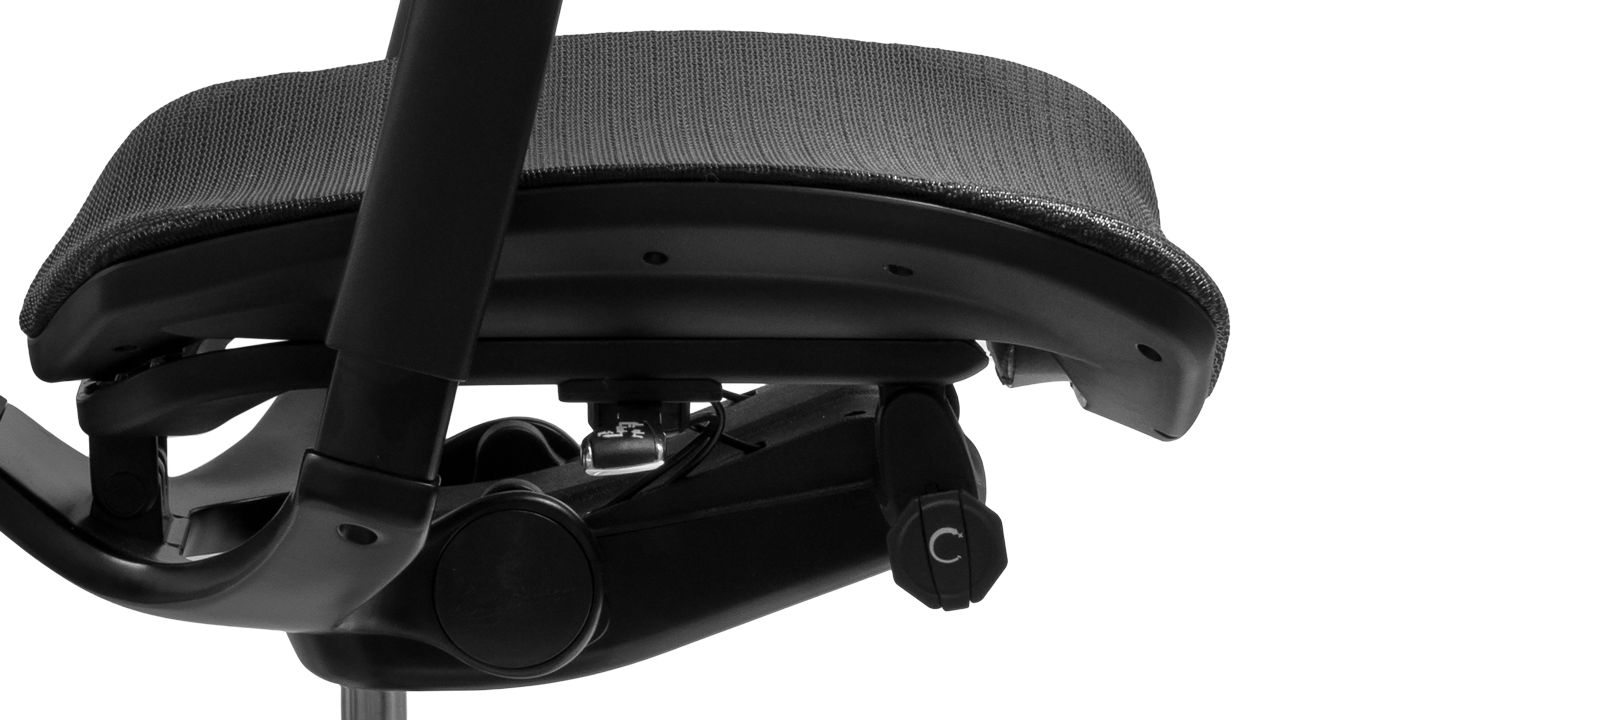 Эргономичное компьютерное кресло Сomfort Seating Mirus механизмы